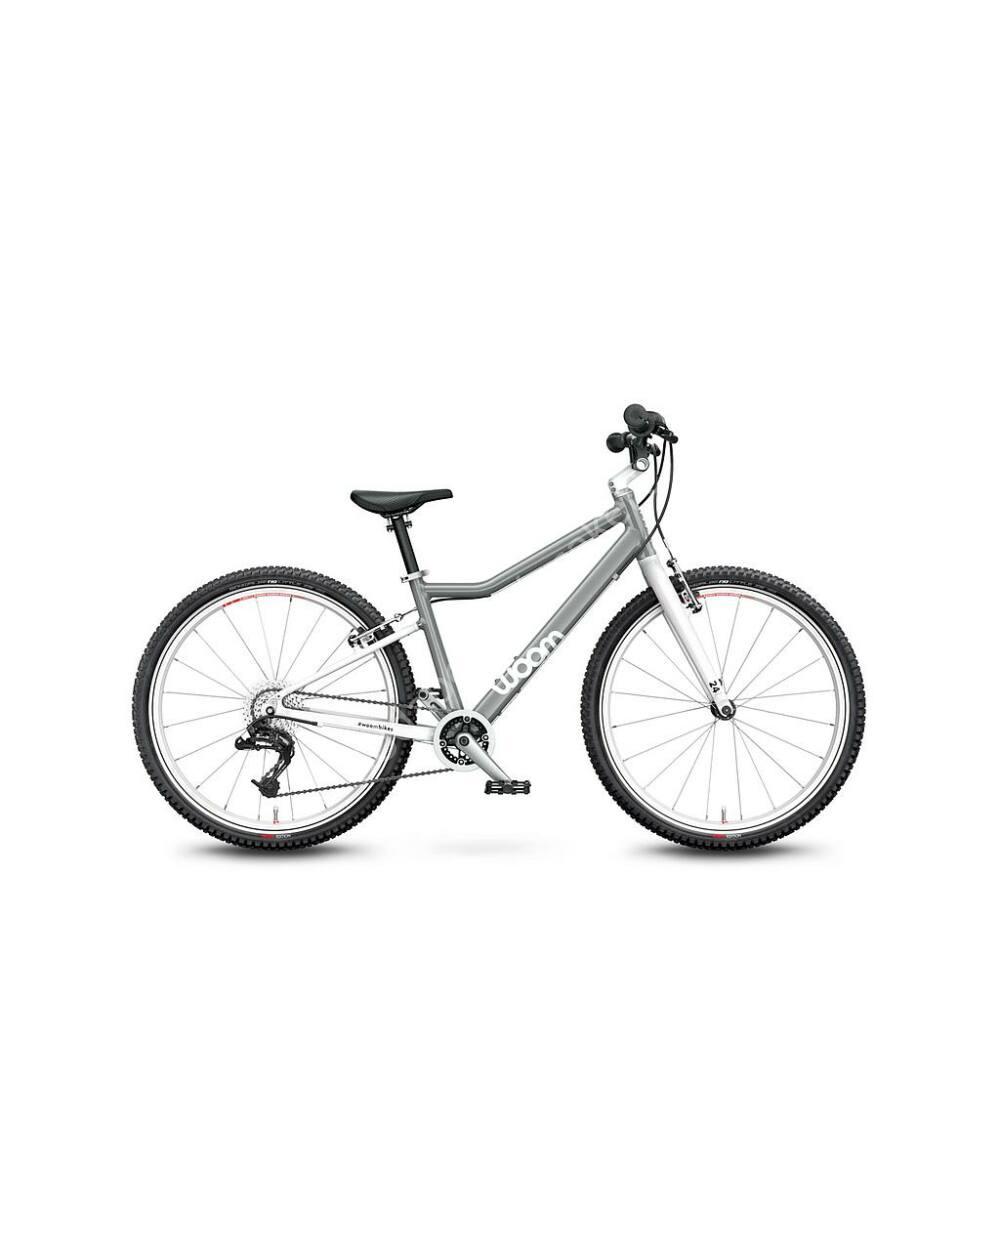 """Woom 5 MOON GREY 24"""" gyerek kerékpár, 125-145 cm testmagasság, 8.2kg"""